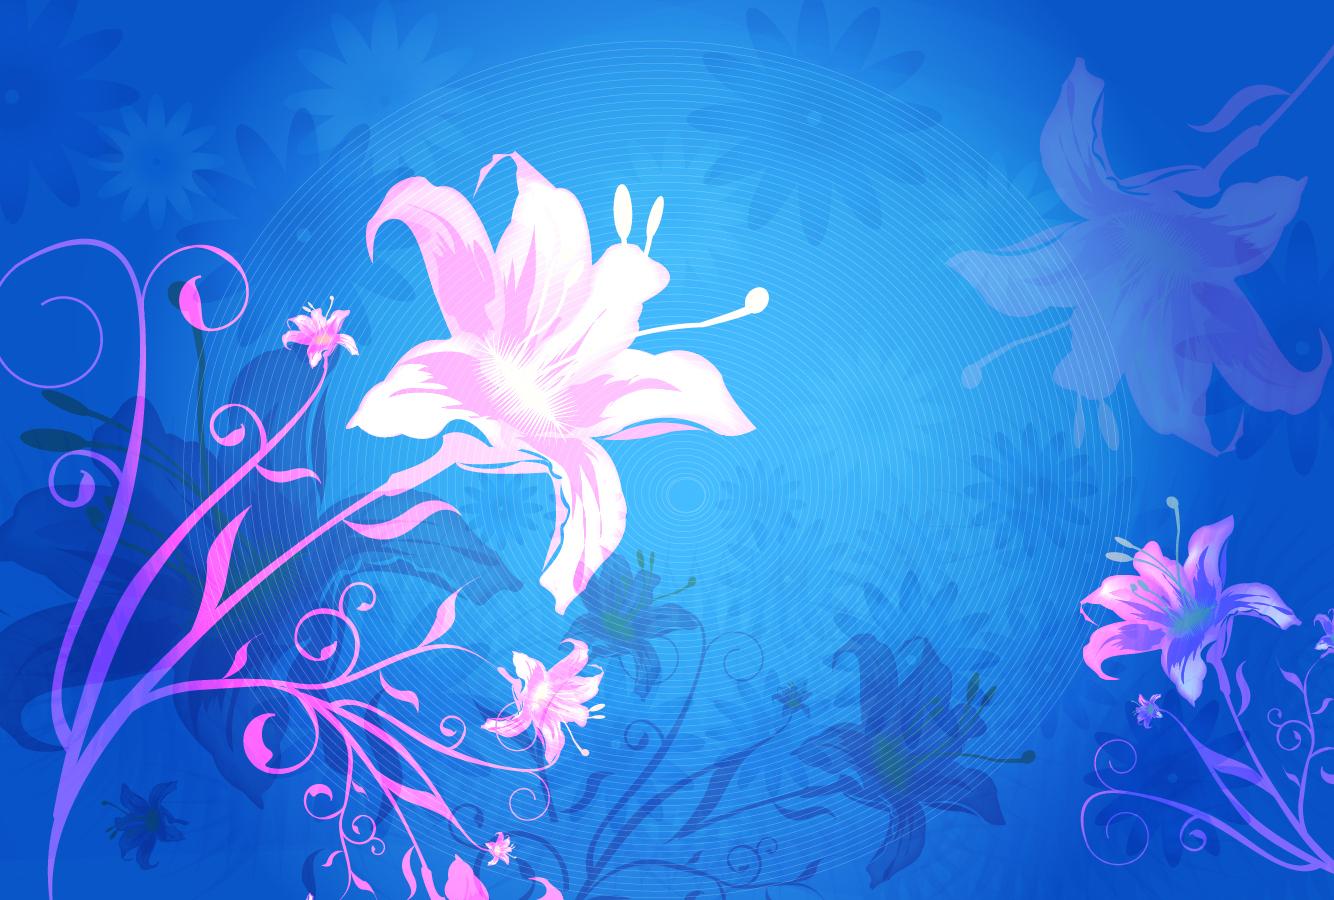 花ビラが美しい青い背景 flower background vector graphic イラスト素材